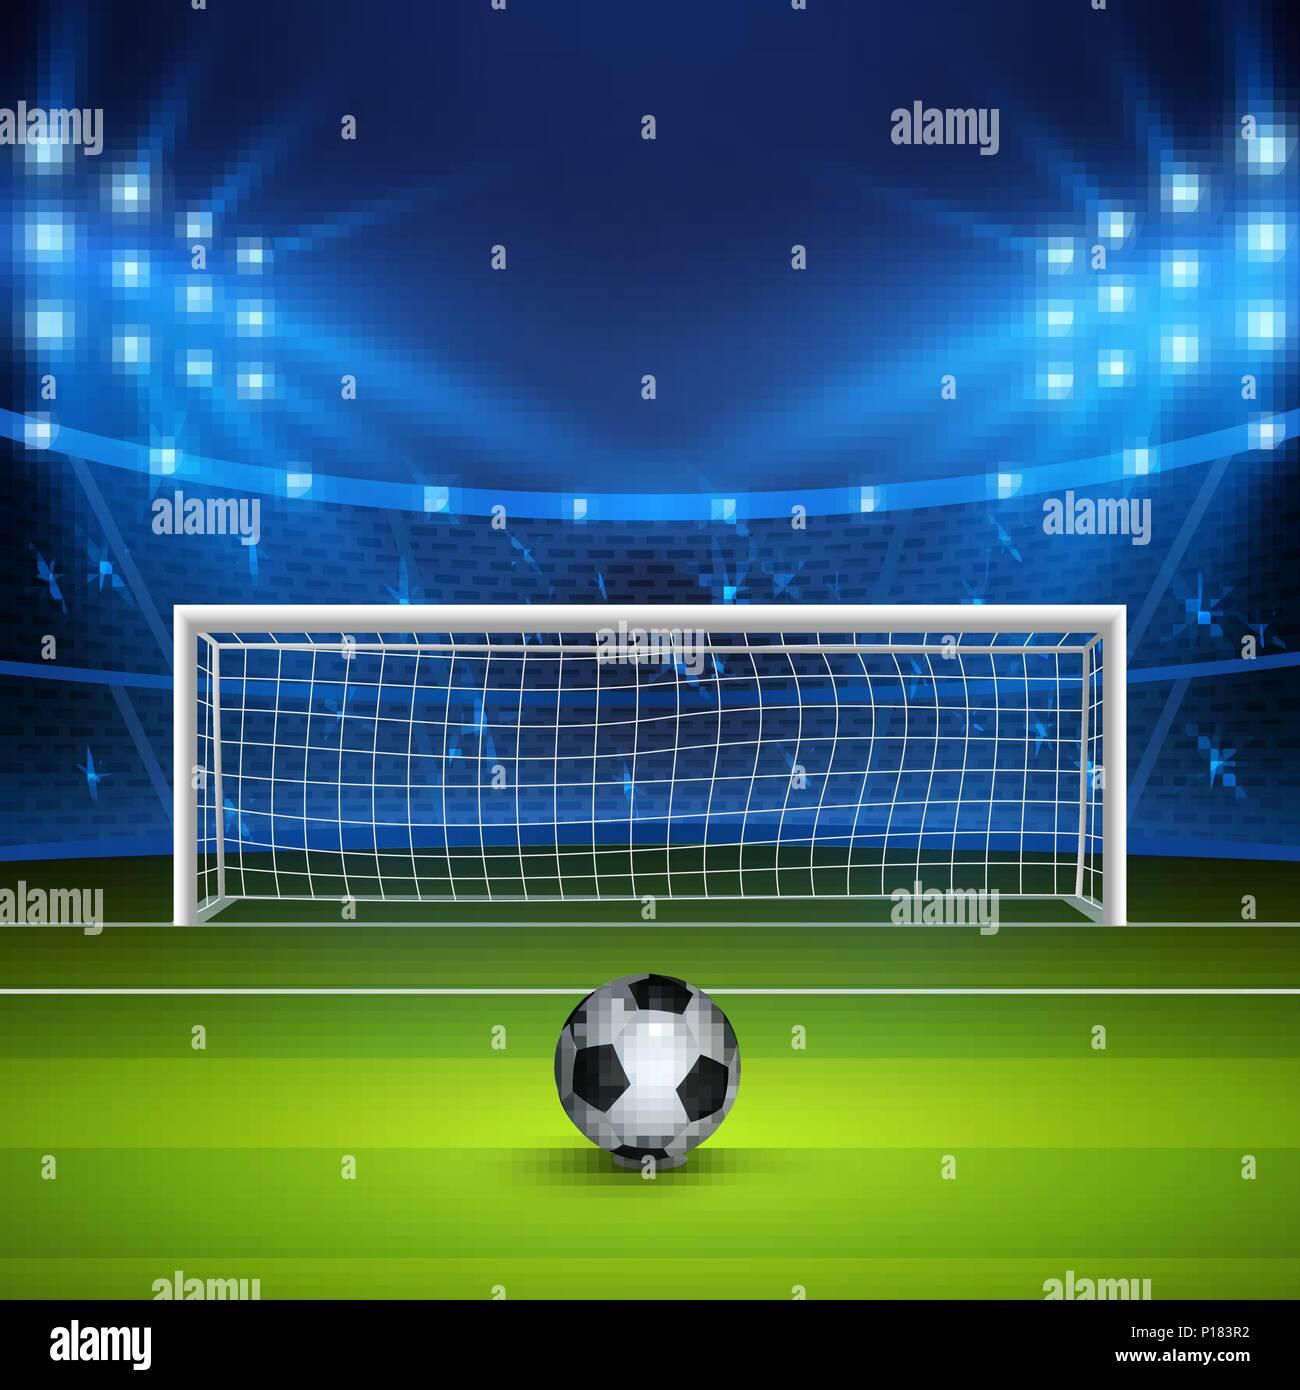 Soccer ball on green football field on stadium, arena in night illuminated bright spotlights. Vector illustration - Stock Vector